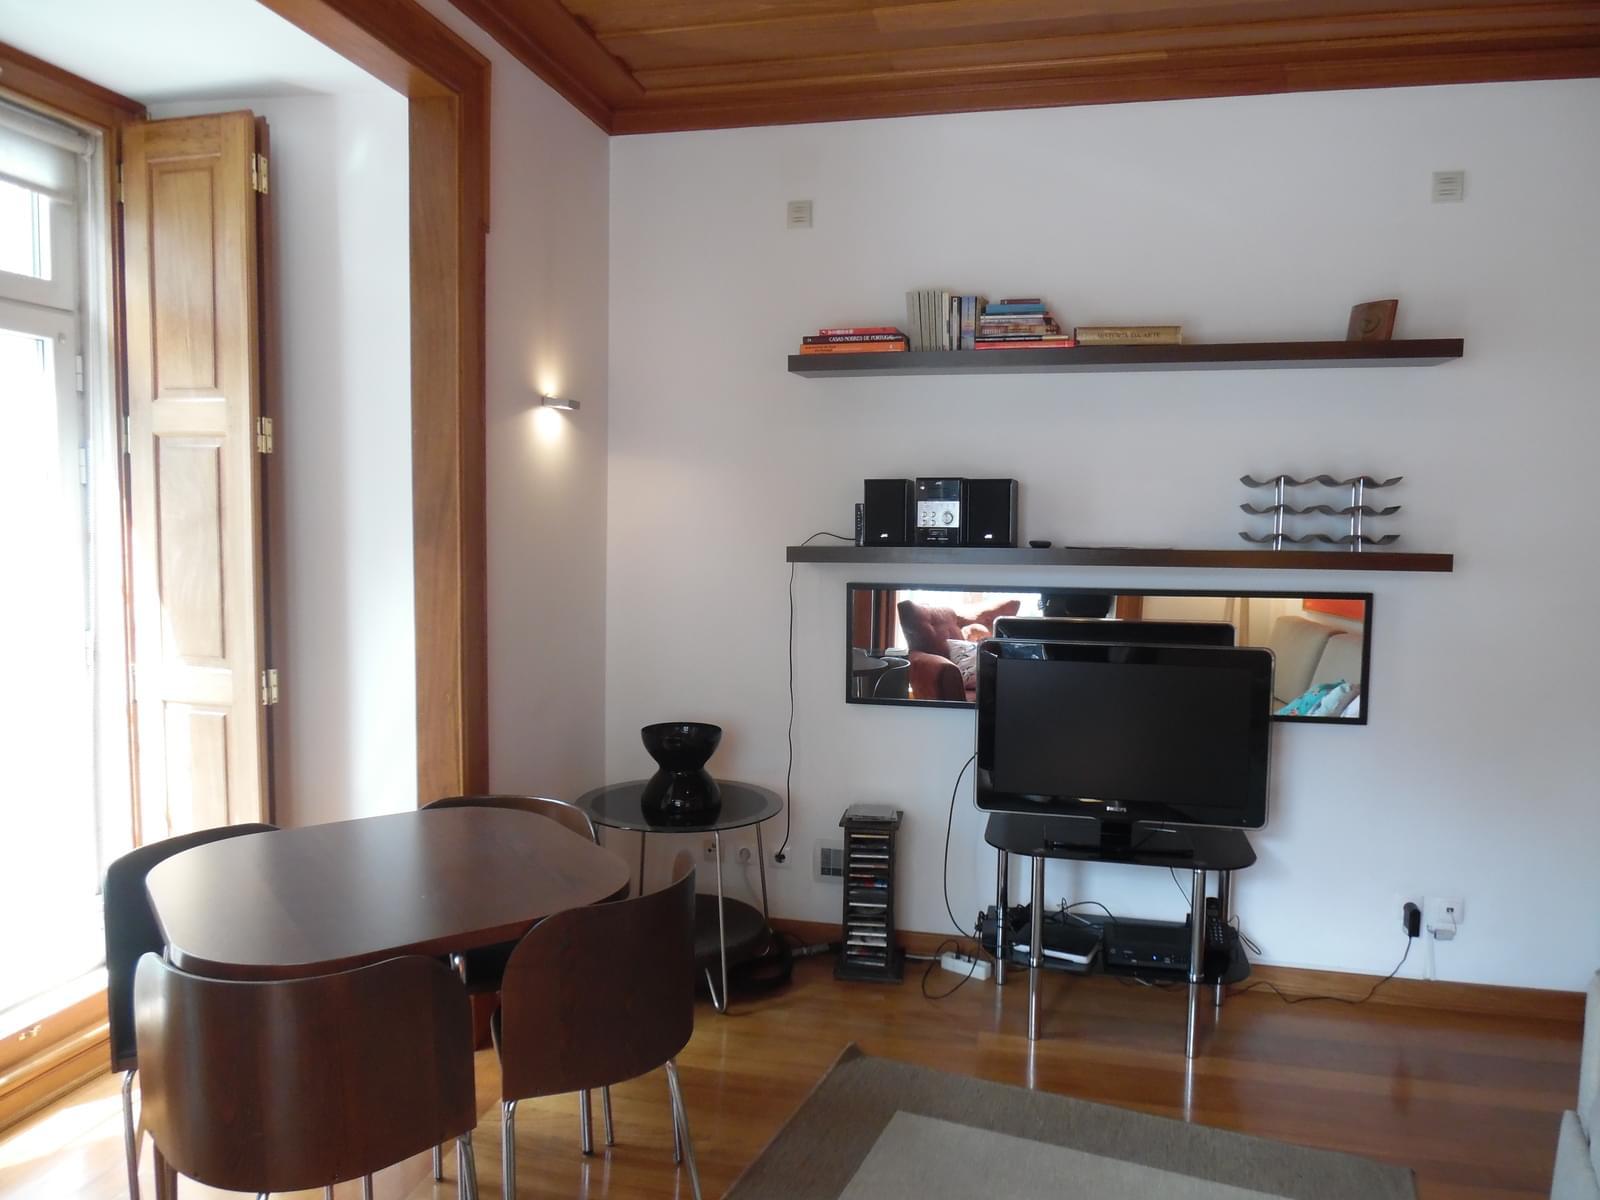 pf16905-apartamento-t1-lisboa-d7b3f209-49f6-4efd-a828-88619166e9a0